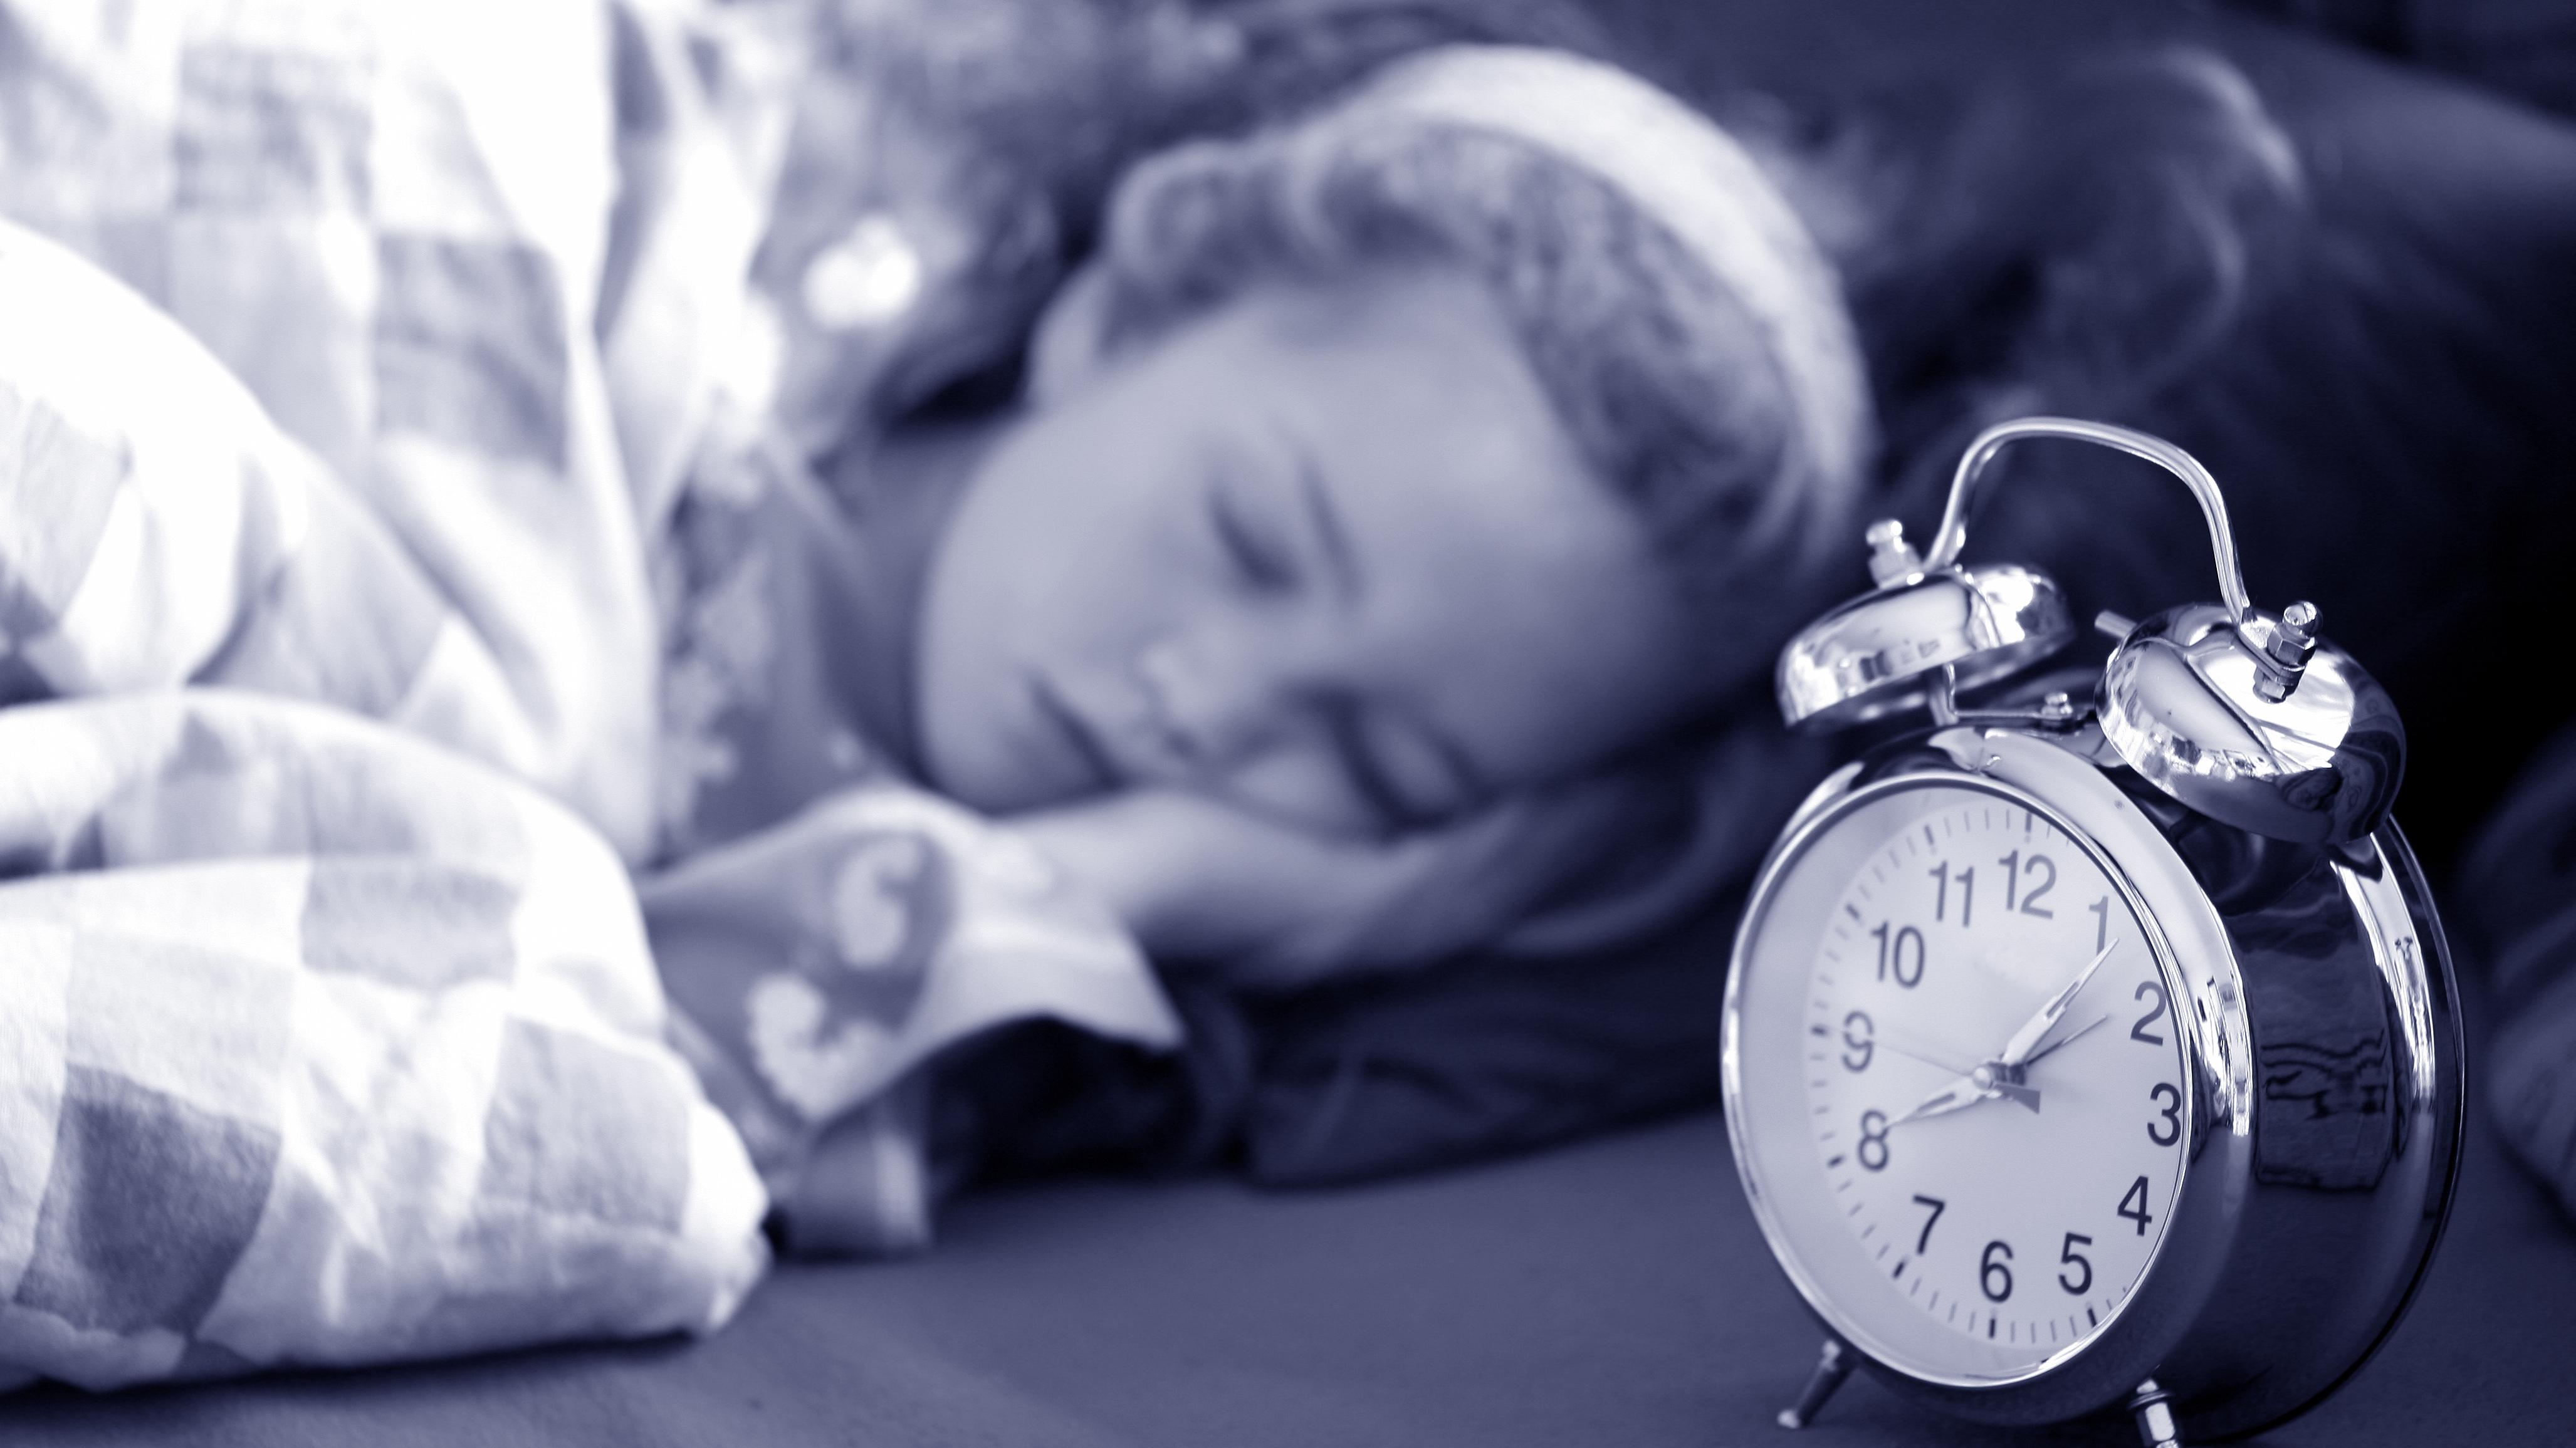 Noch bleibt unbewiesen, ob der Vollmond dafür sorgt, ob wir schlechter schlafen oder nicht.